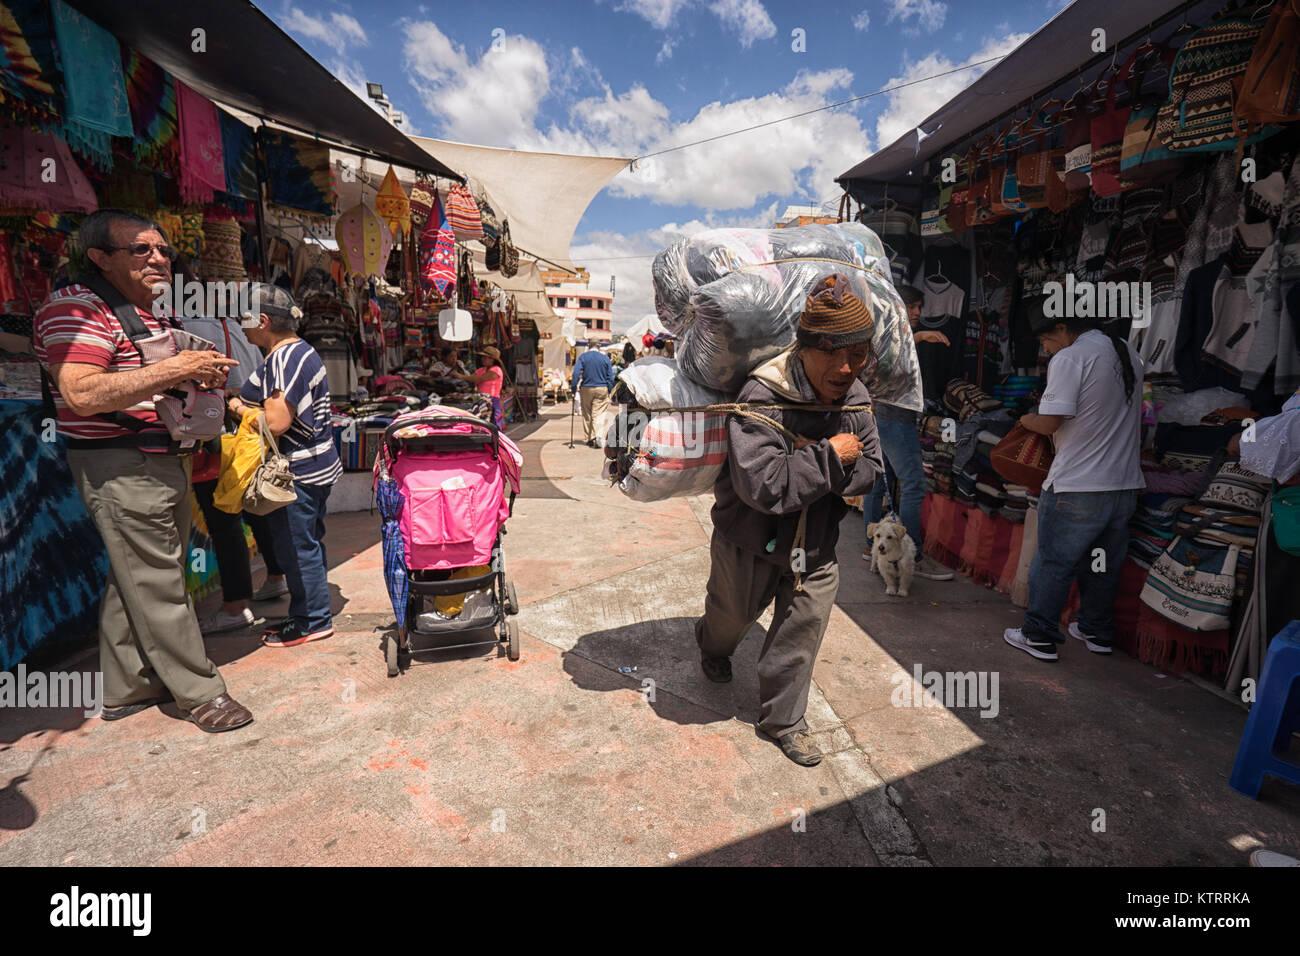 Otavalo, Ecuador-December 23, 2017: lokale Menschen schleppen Ware durch die Handwerker Markt auf dem Rücken Stockbild